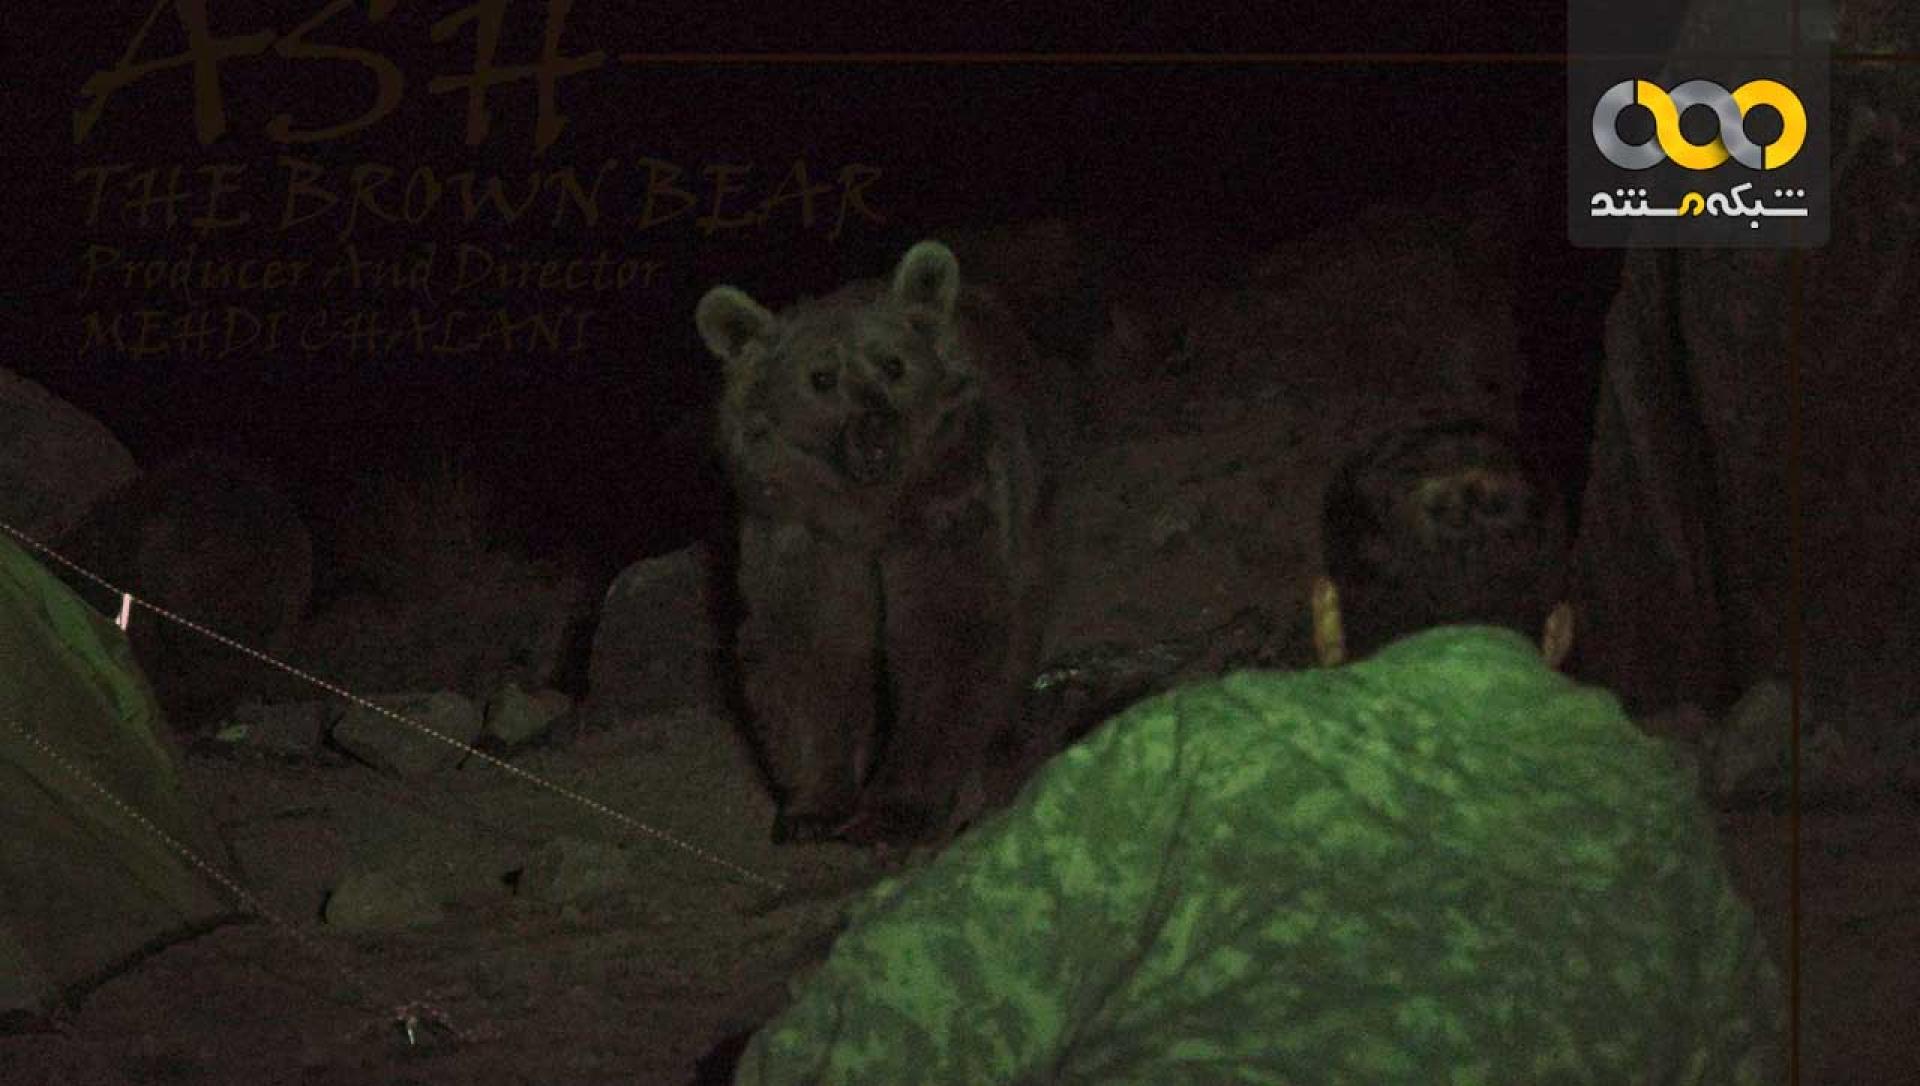 دانلود مستند اش ، خرس قهوه ای با کیفیت HD 1080p